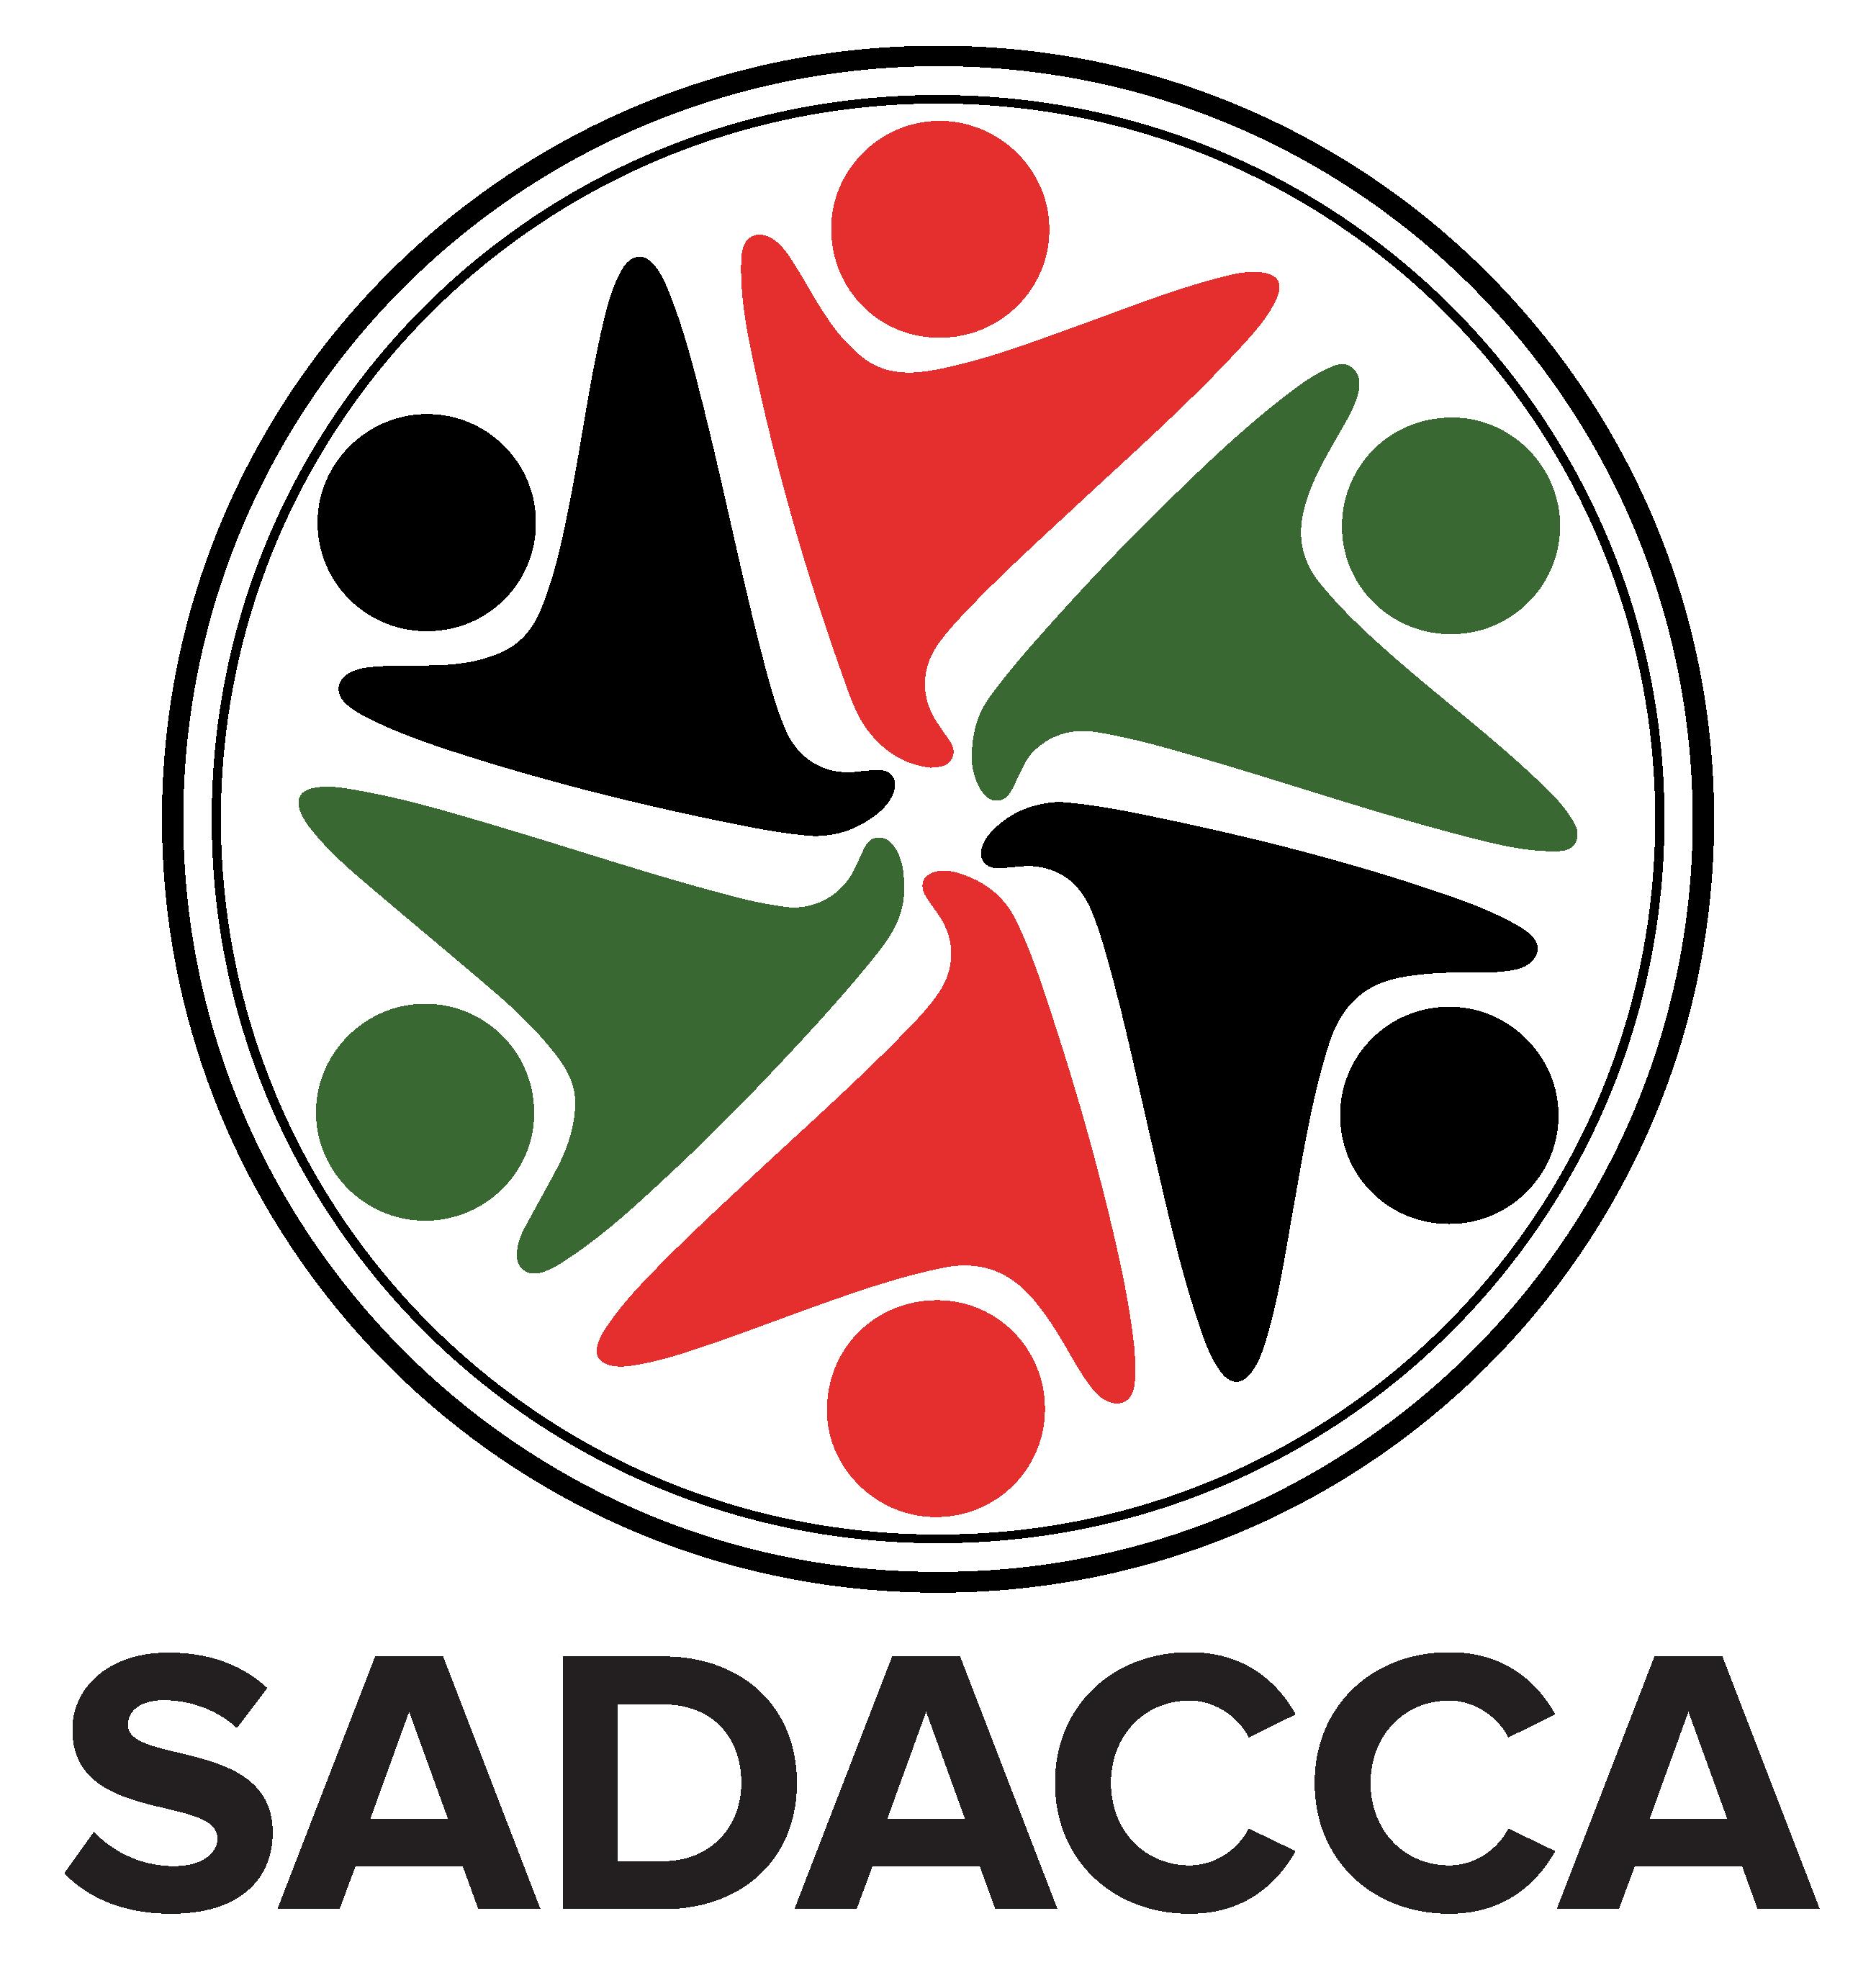 SADACCA